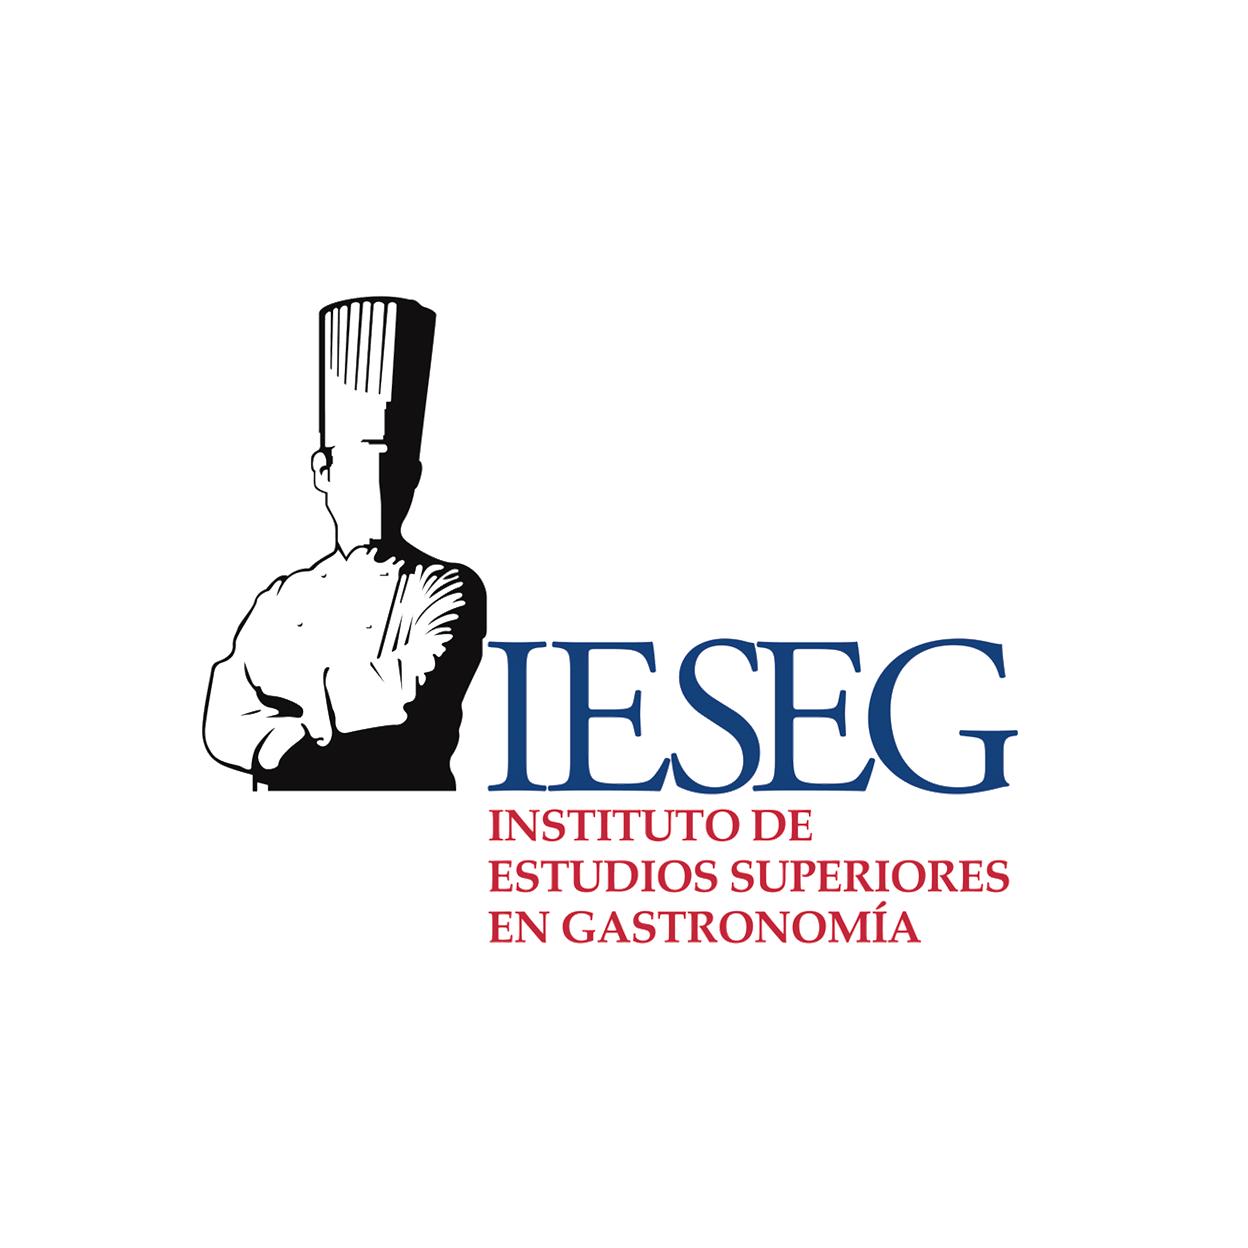 Instituto de estudios superiores en gastronomía